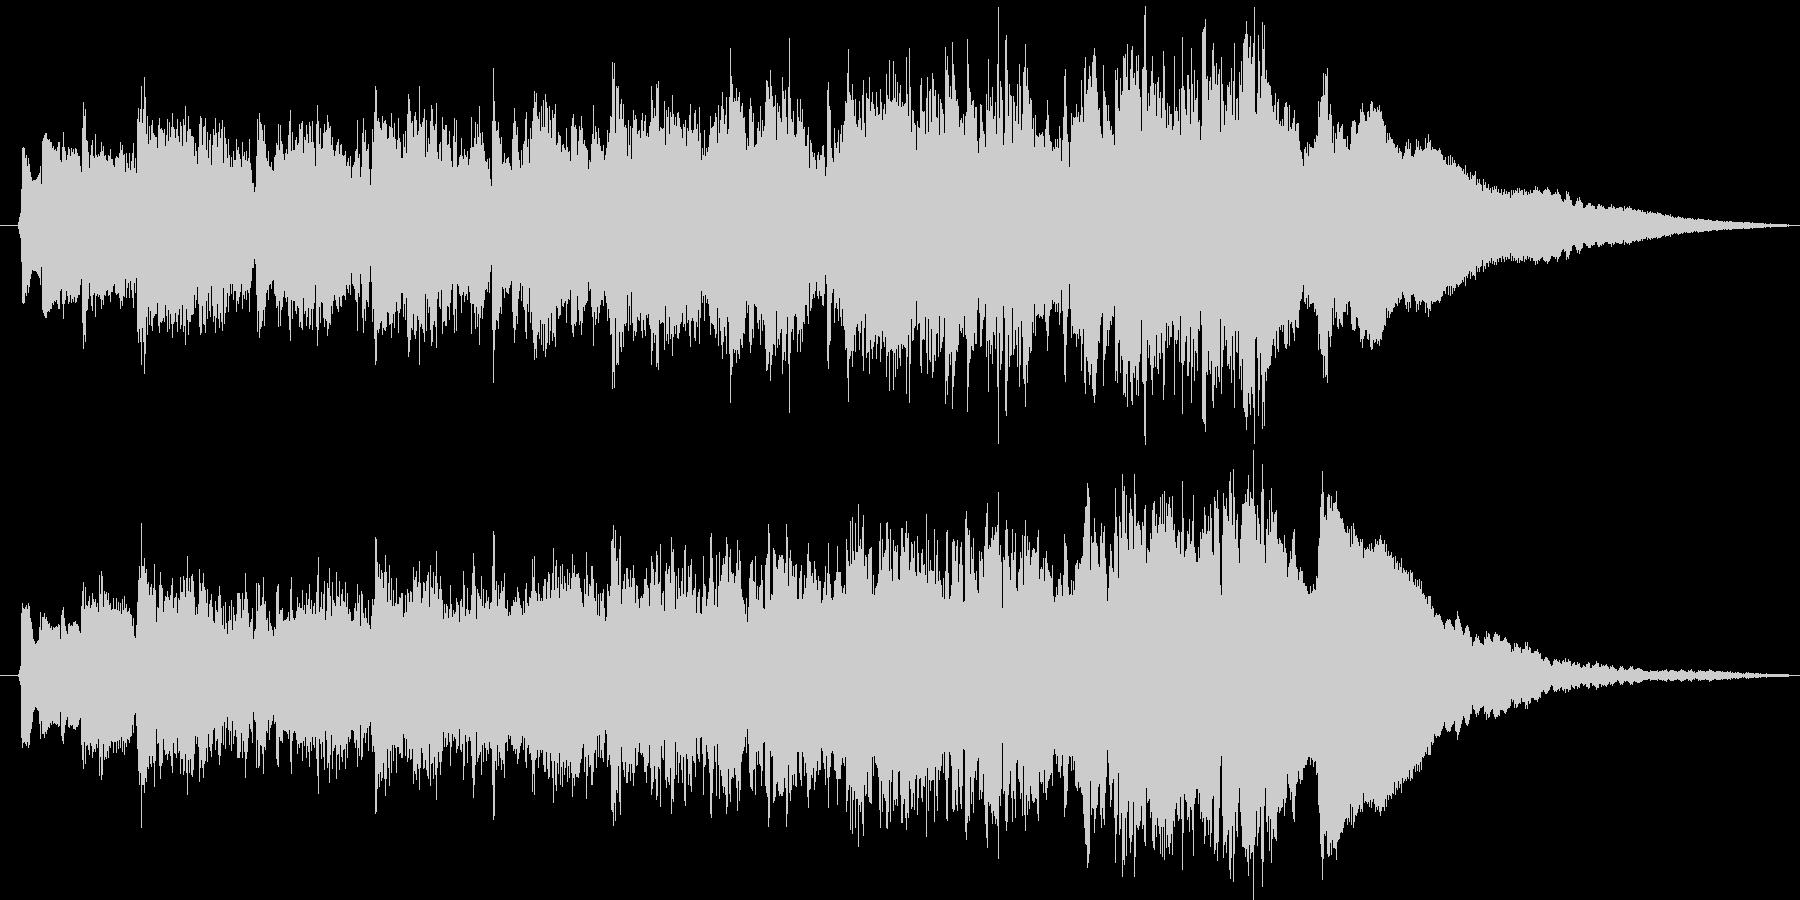 ダークなギター インストの未再生の波形